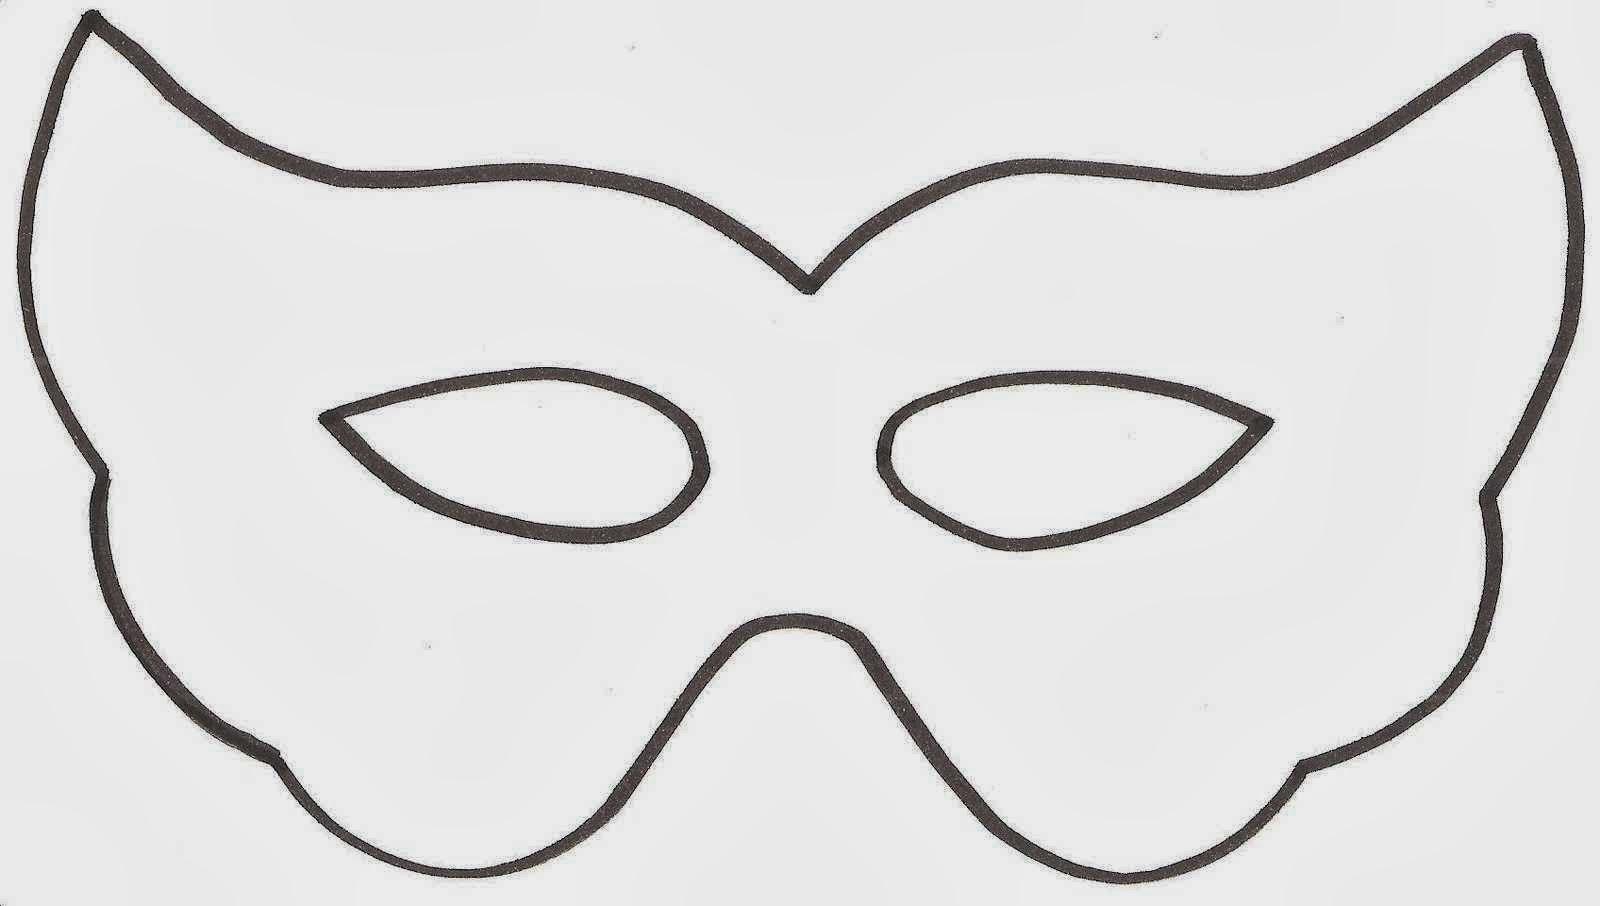 Máscaras para imprimir y colorear / Máscaras para imprimir e colorir